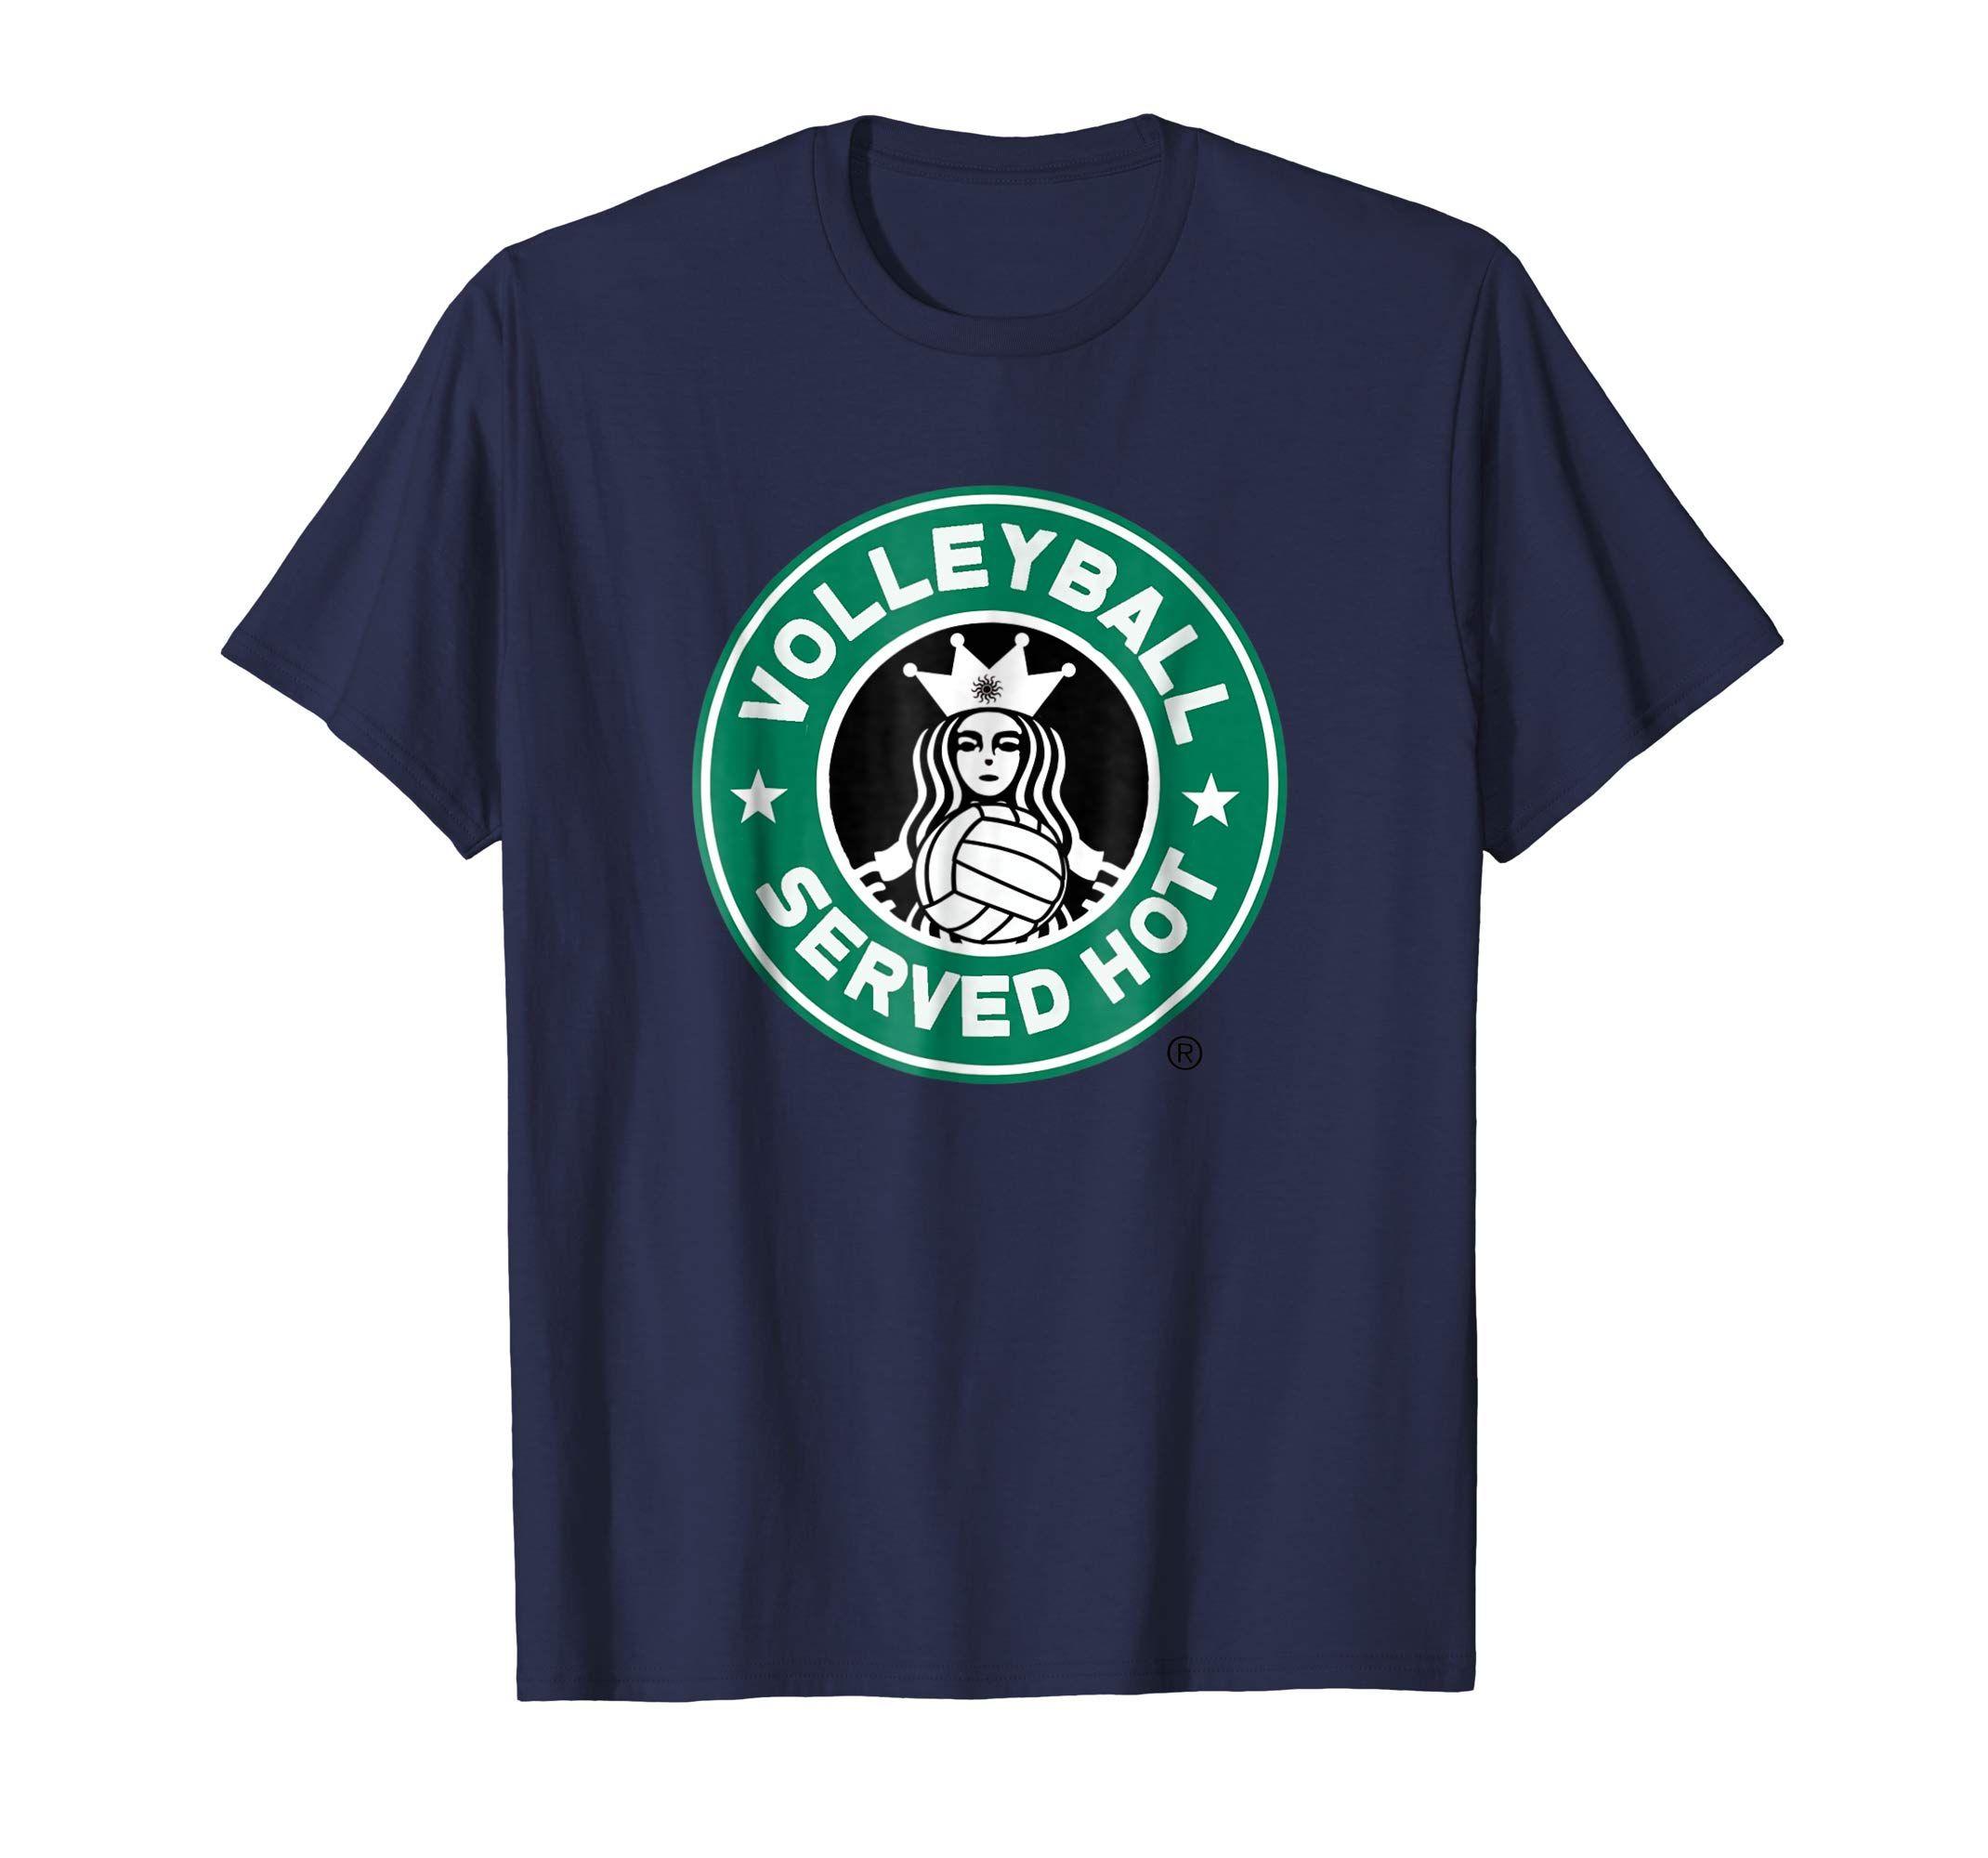 Girls Volleyball Shirt